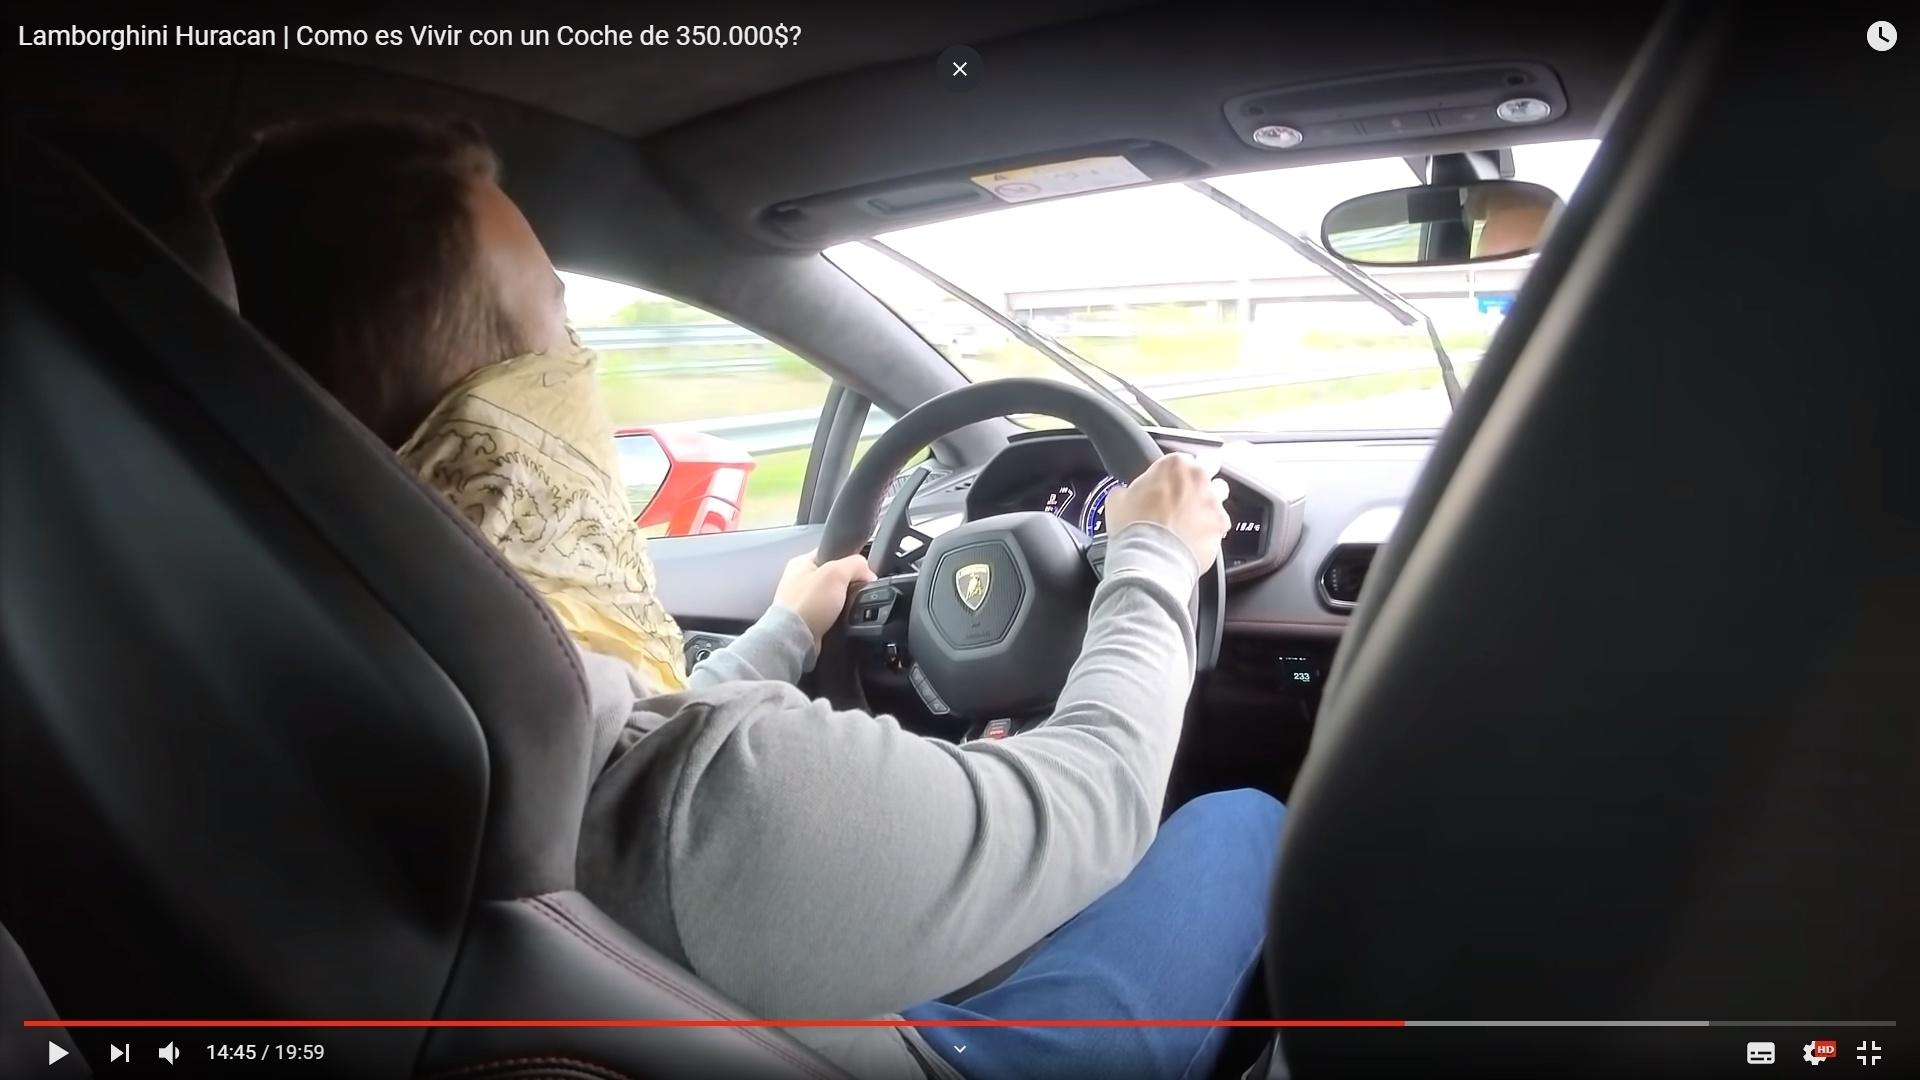 El youtuber Vicesat ha sido detenido por grabarse conduciendo a más de 230 km/h